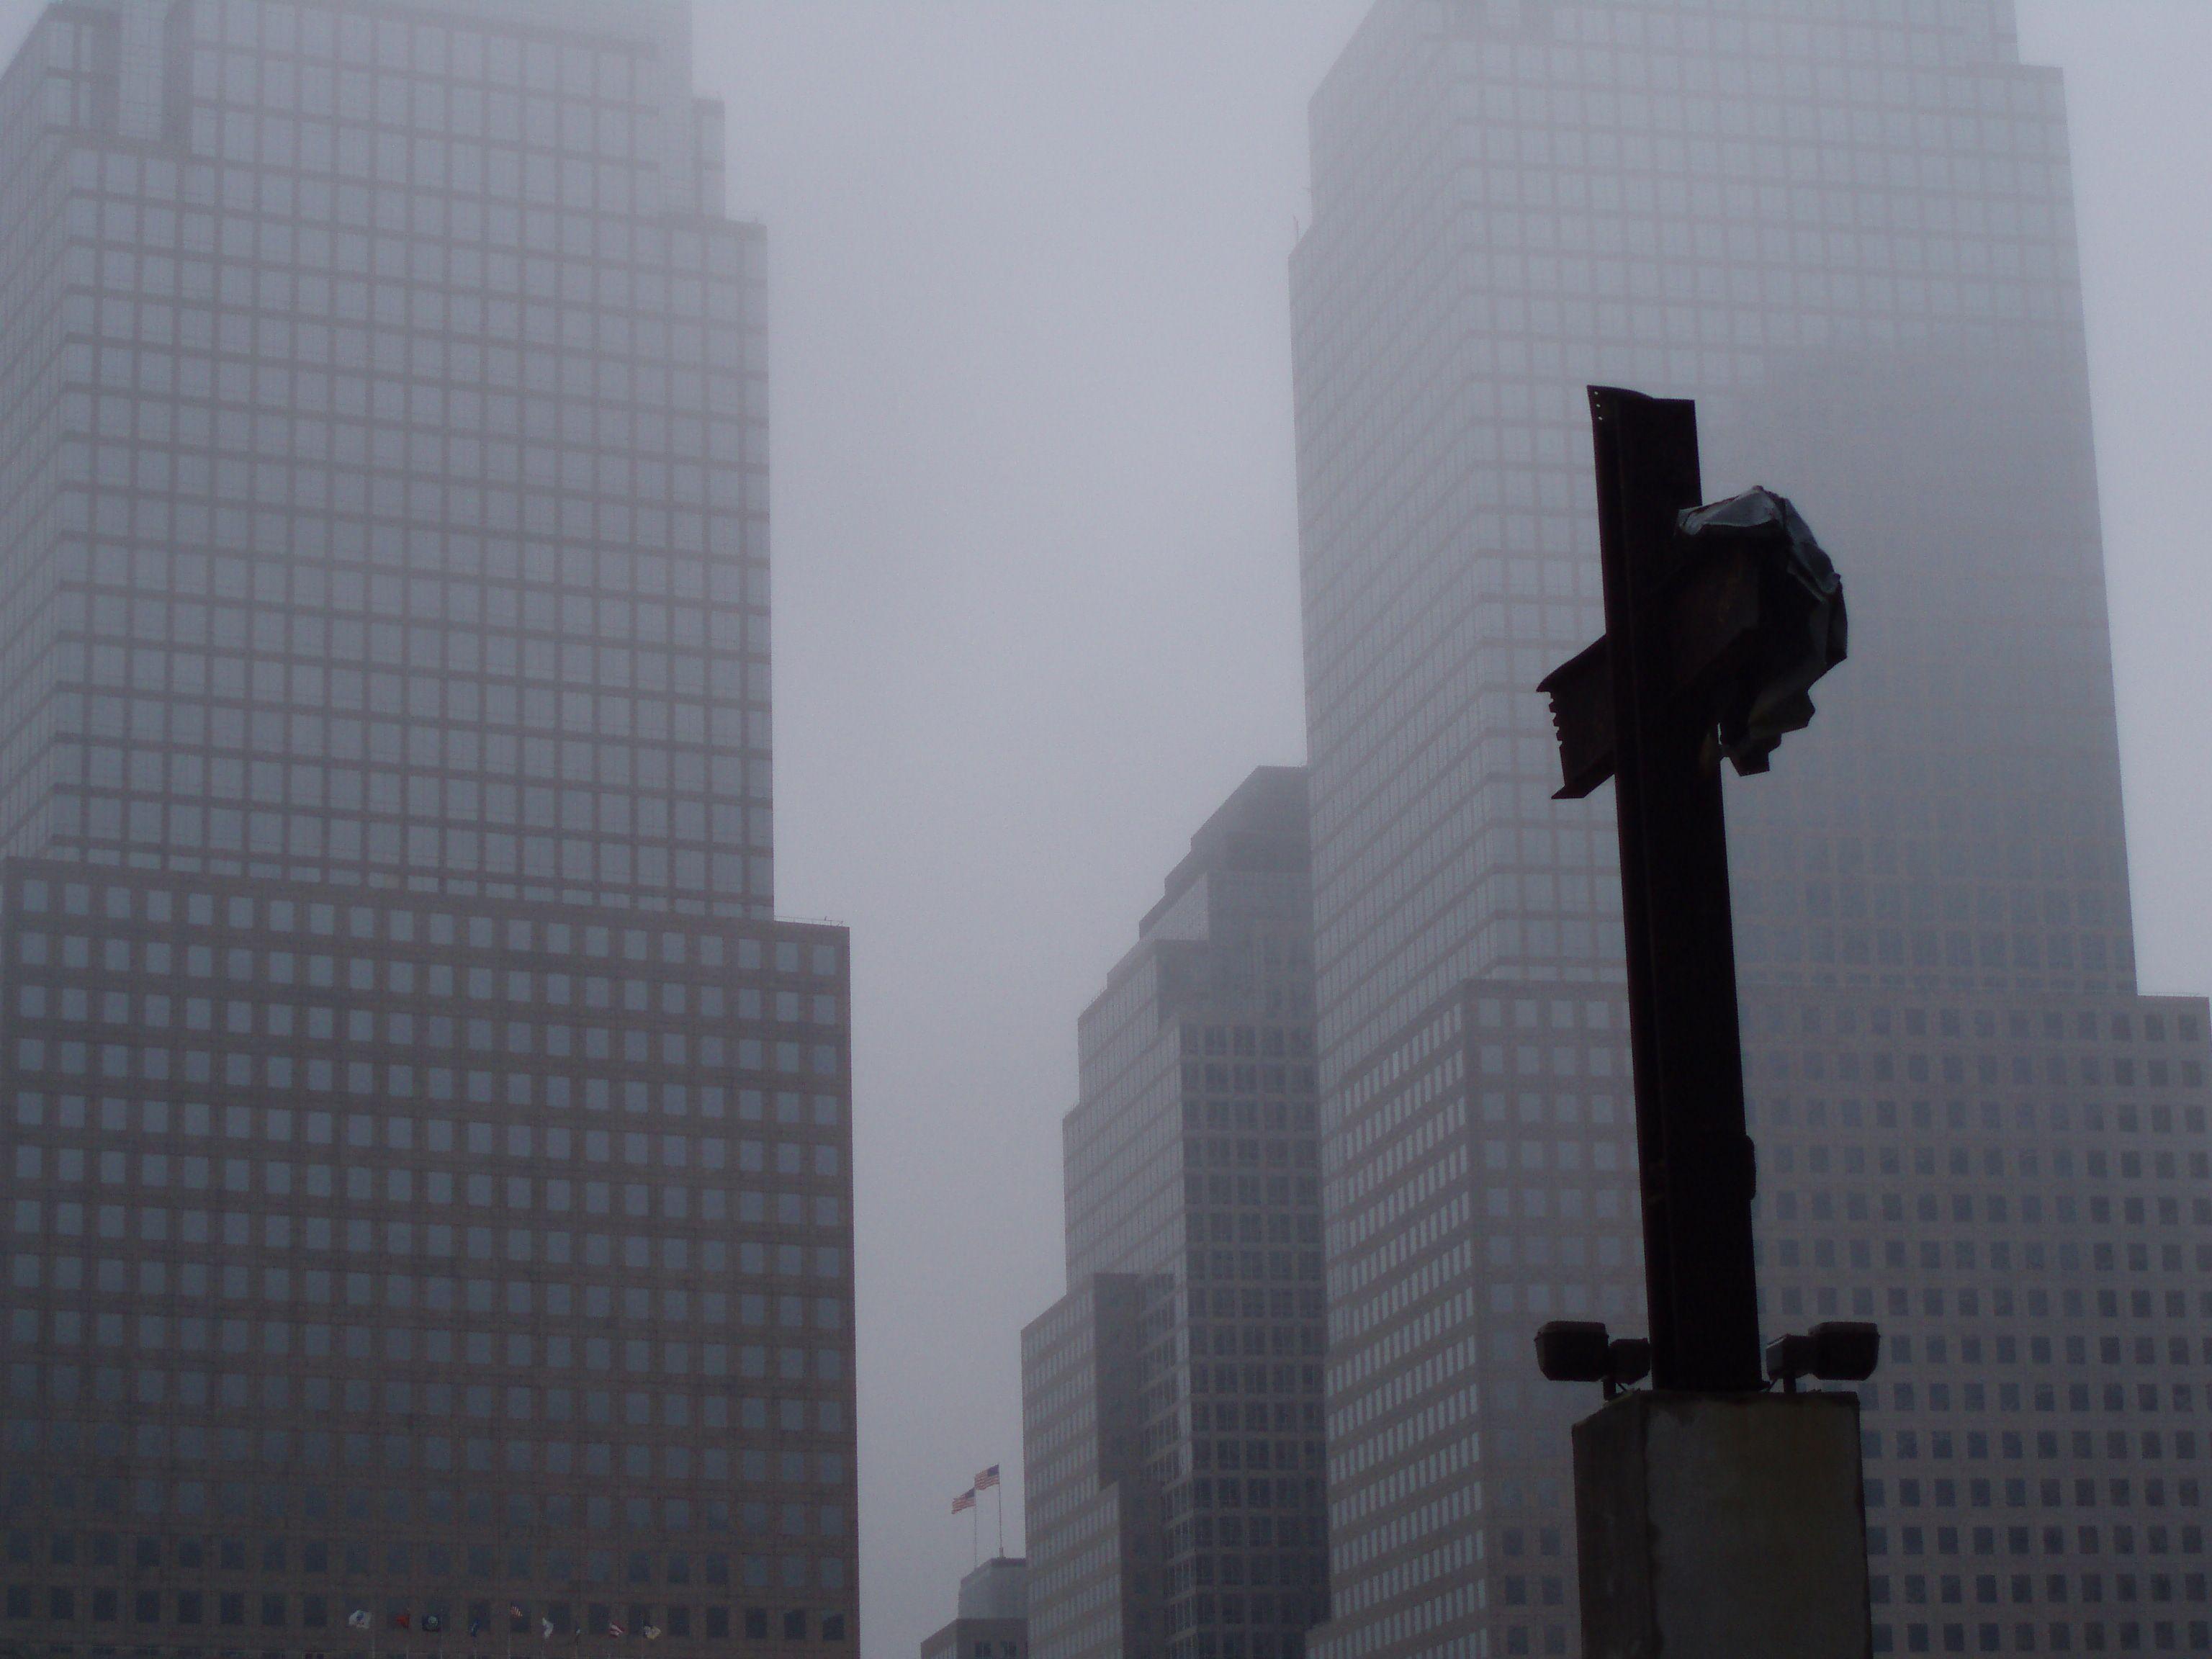 Cross, Ground Zero NYC ph volvidejapon #groundzeronyc Cross, Ground Zero NYC ph volvidejapon #groundzeronyc